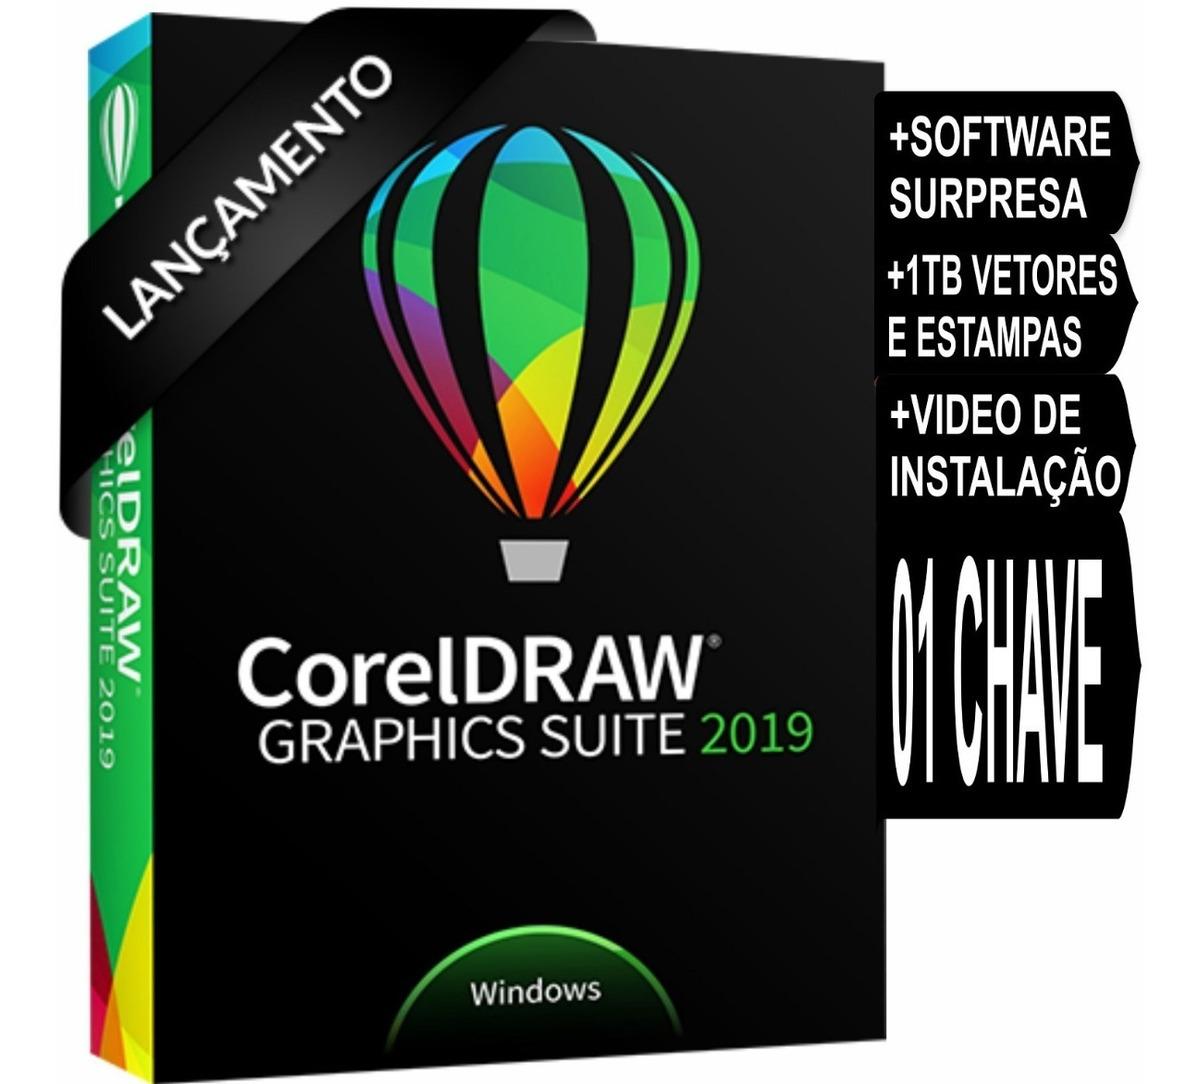 corel draw download portugues crackeado 64 bits gratis